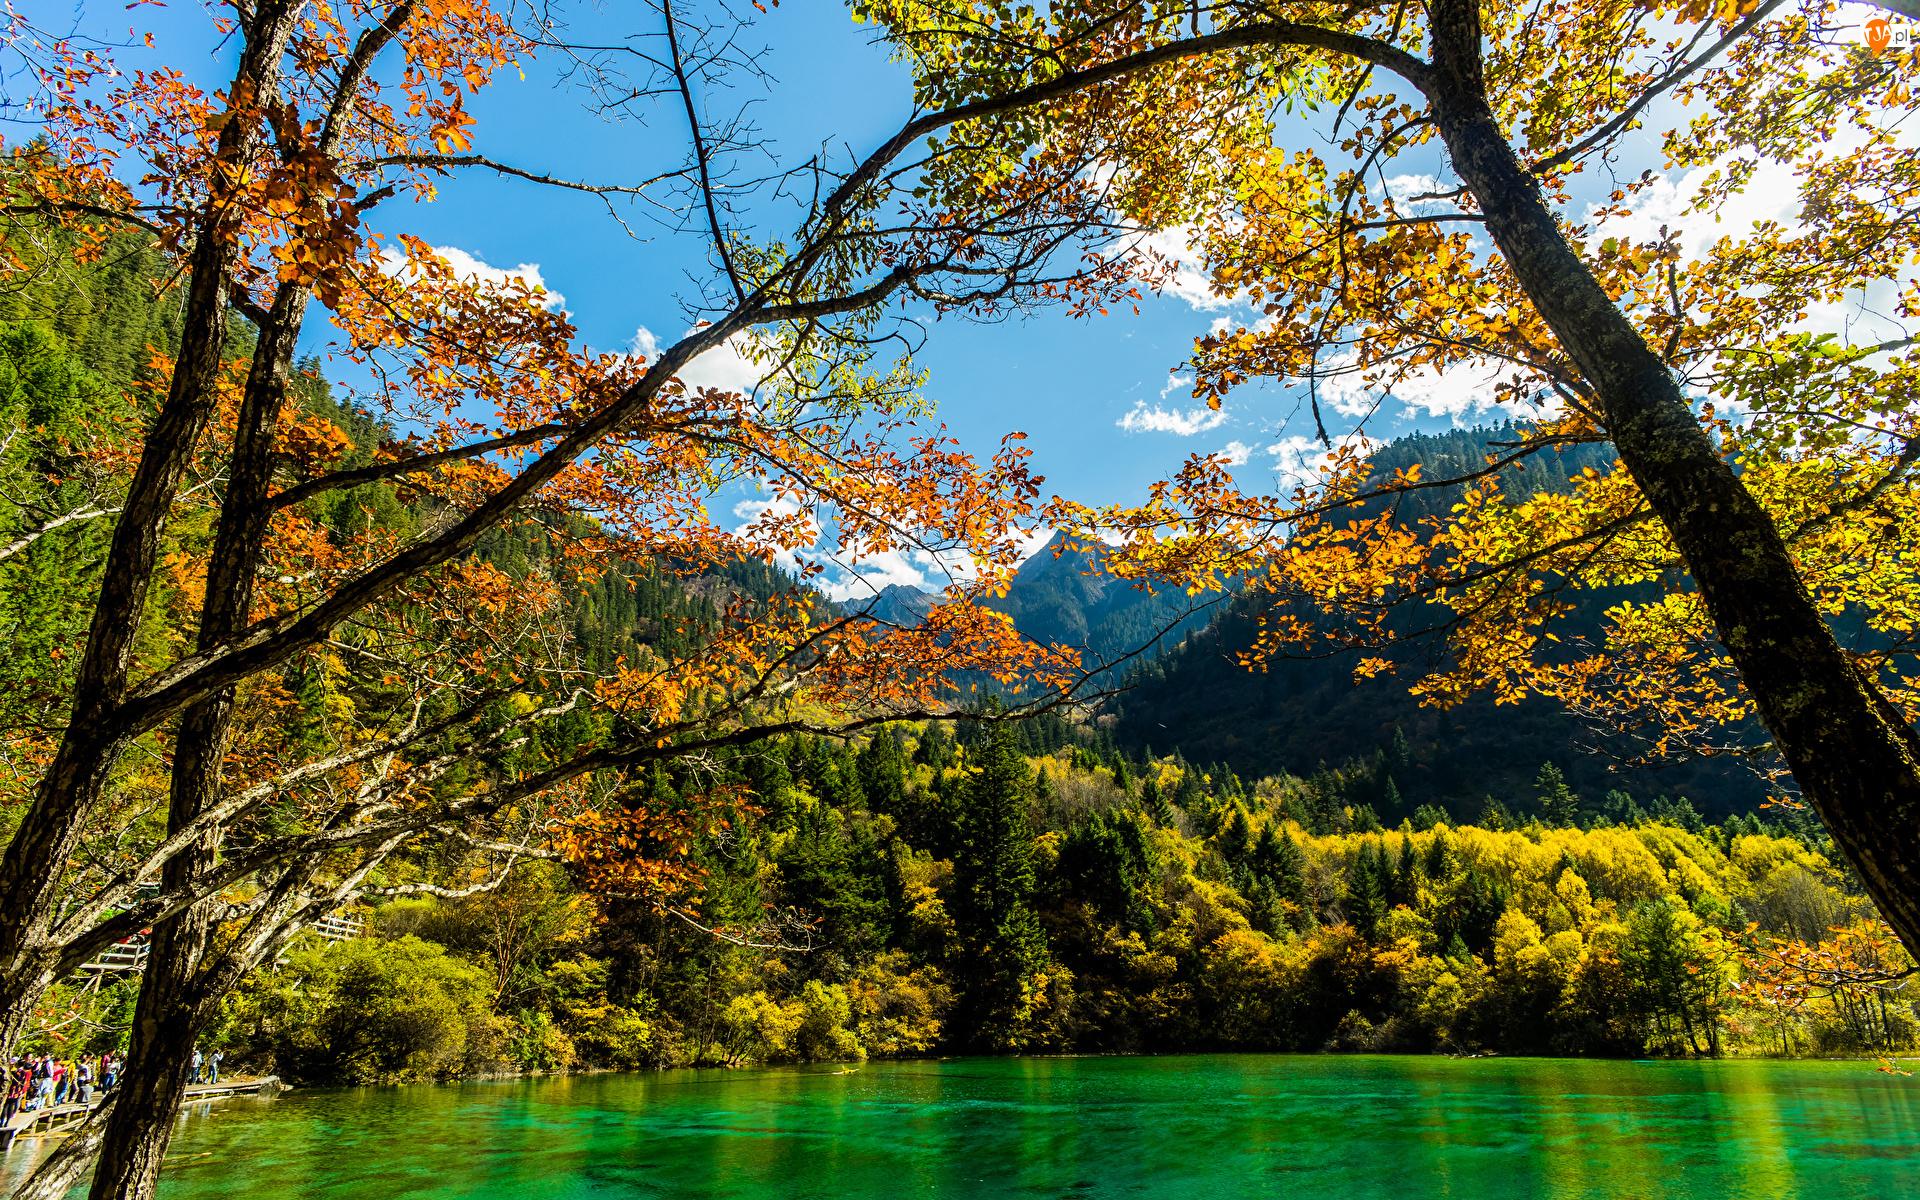 Las, Jesień, Gałęzie, Góry, Drzewa, Jezioro